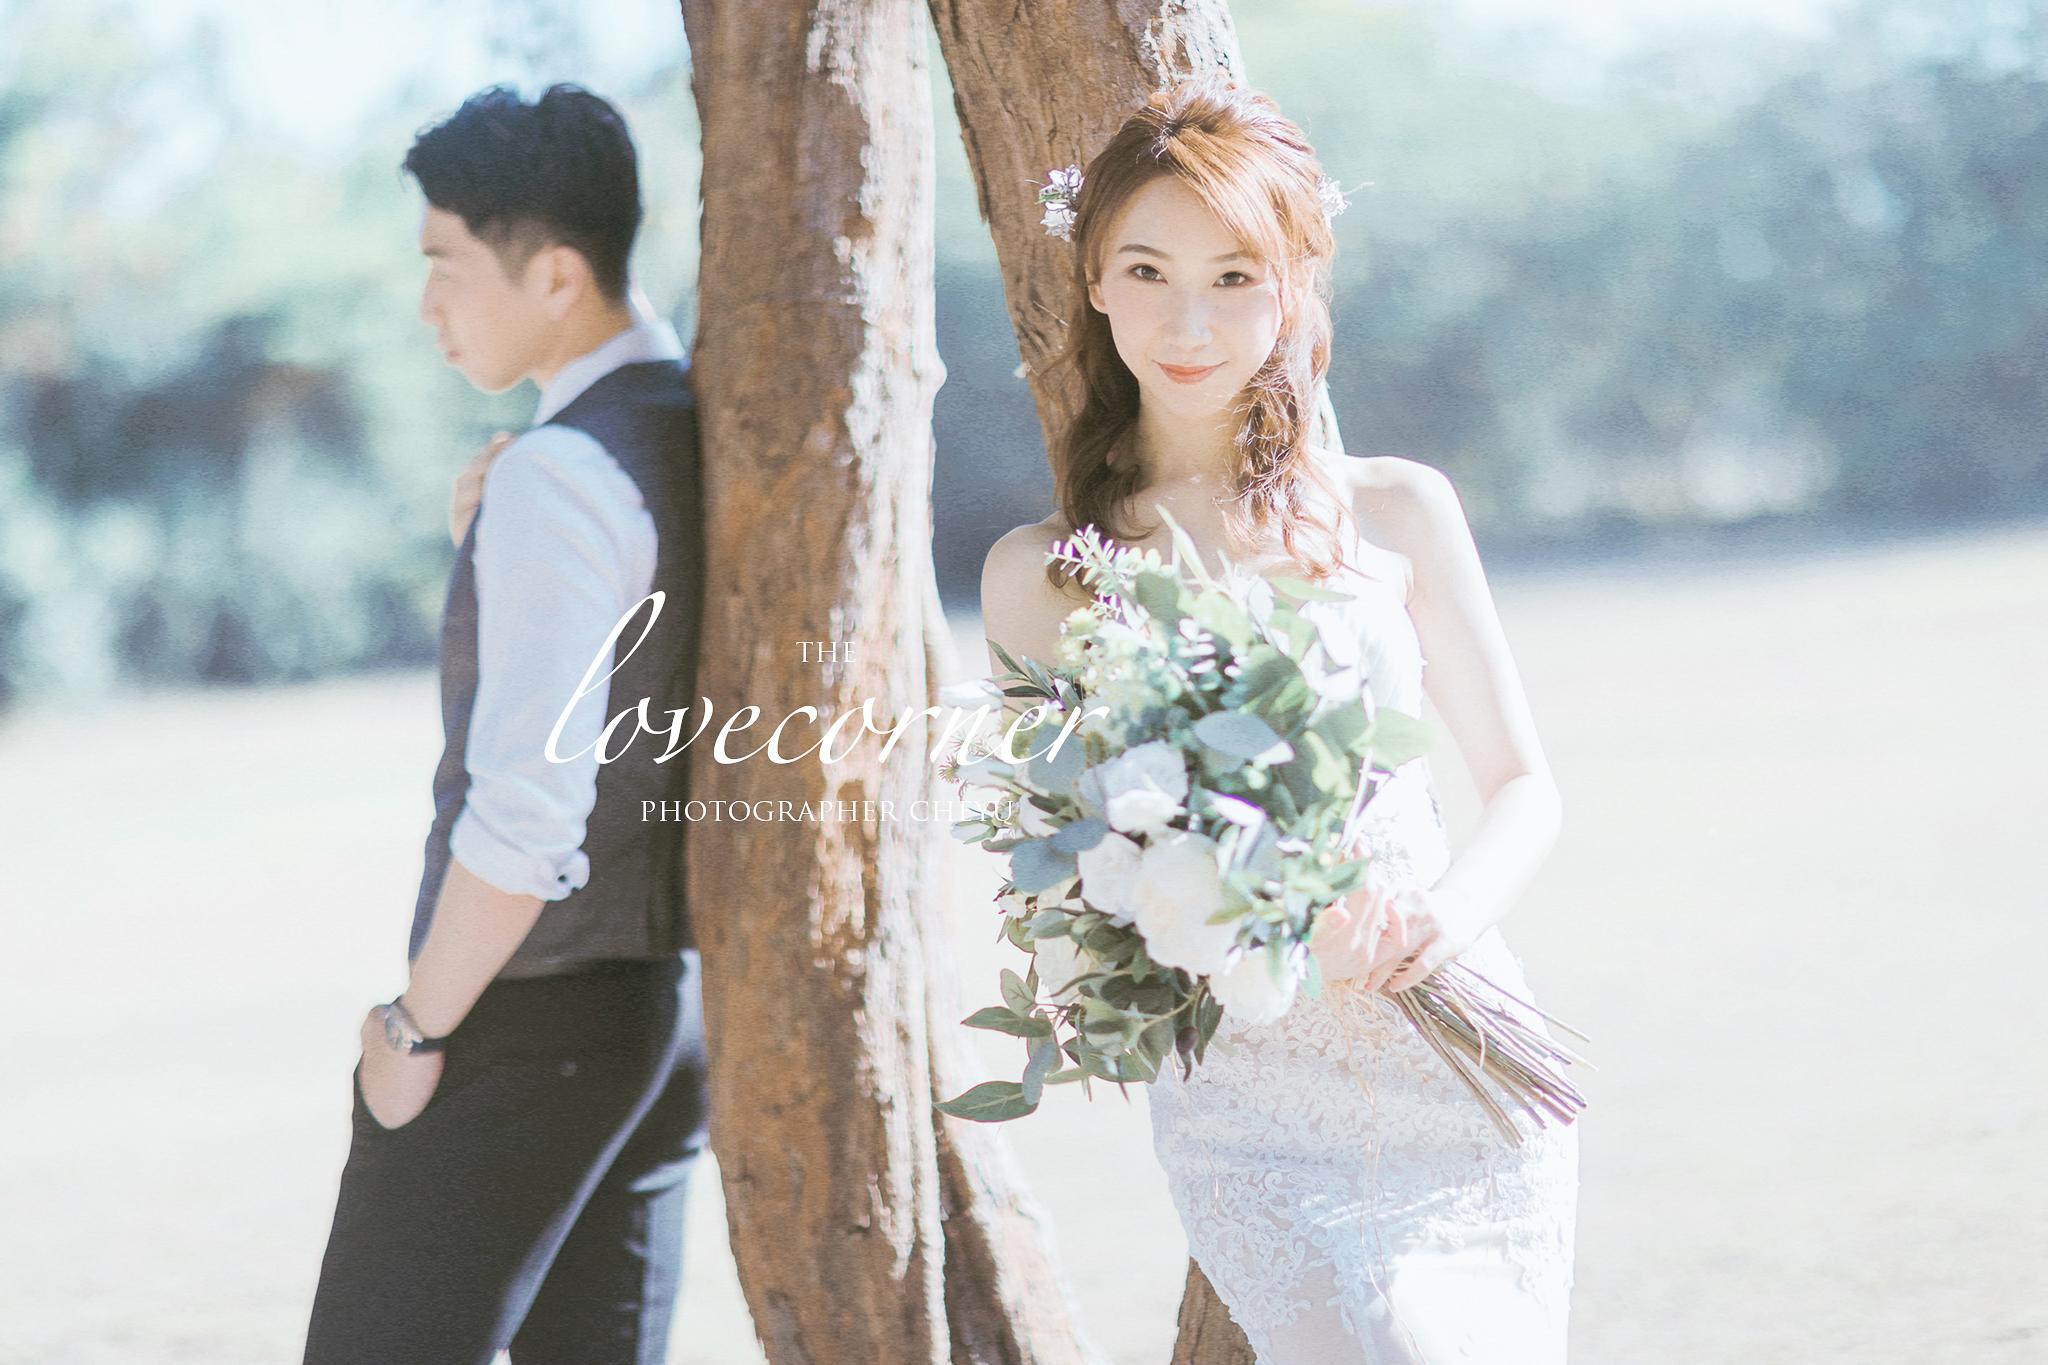 台南自助婚紗|拍一場如愛情劇般的浪漫唯美婚紗吧!|Hermosa Wedding